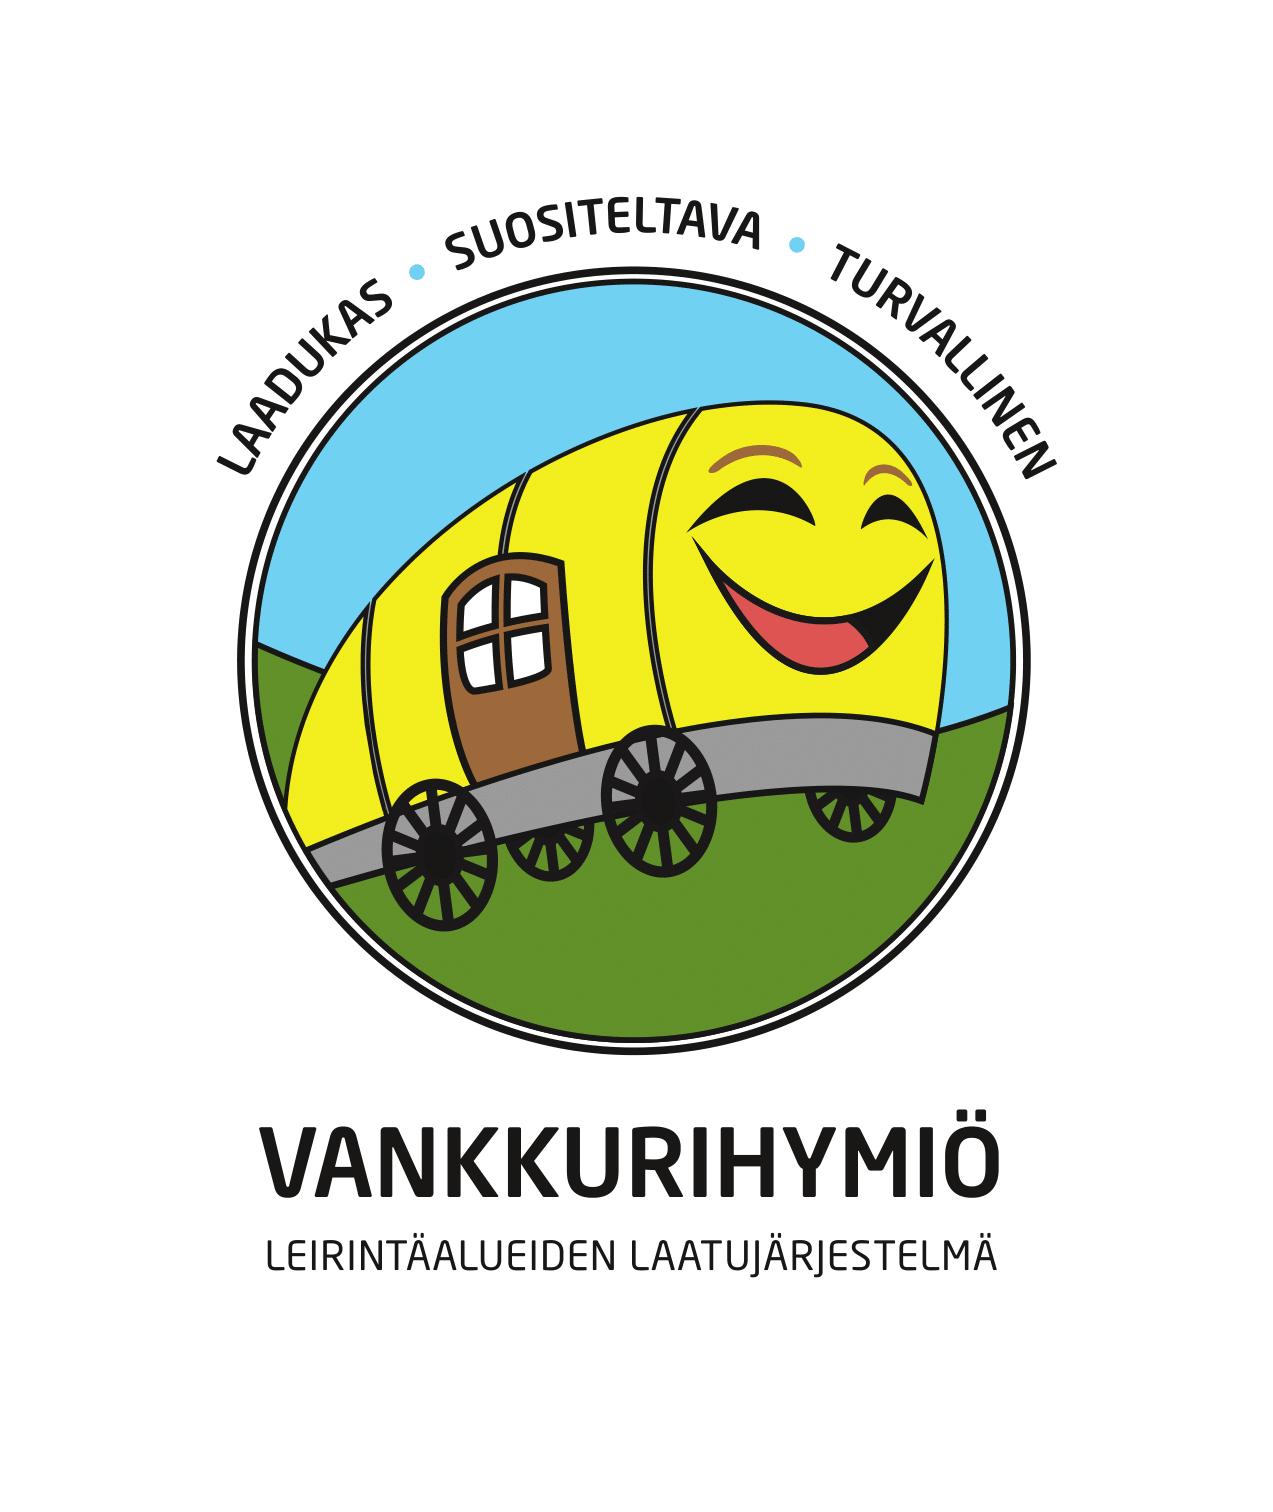 vankkurihymio_teksteilla_cmyk-1.png